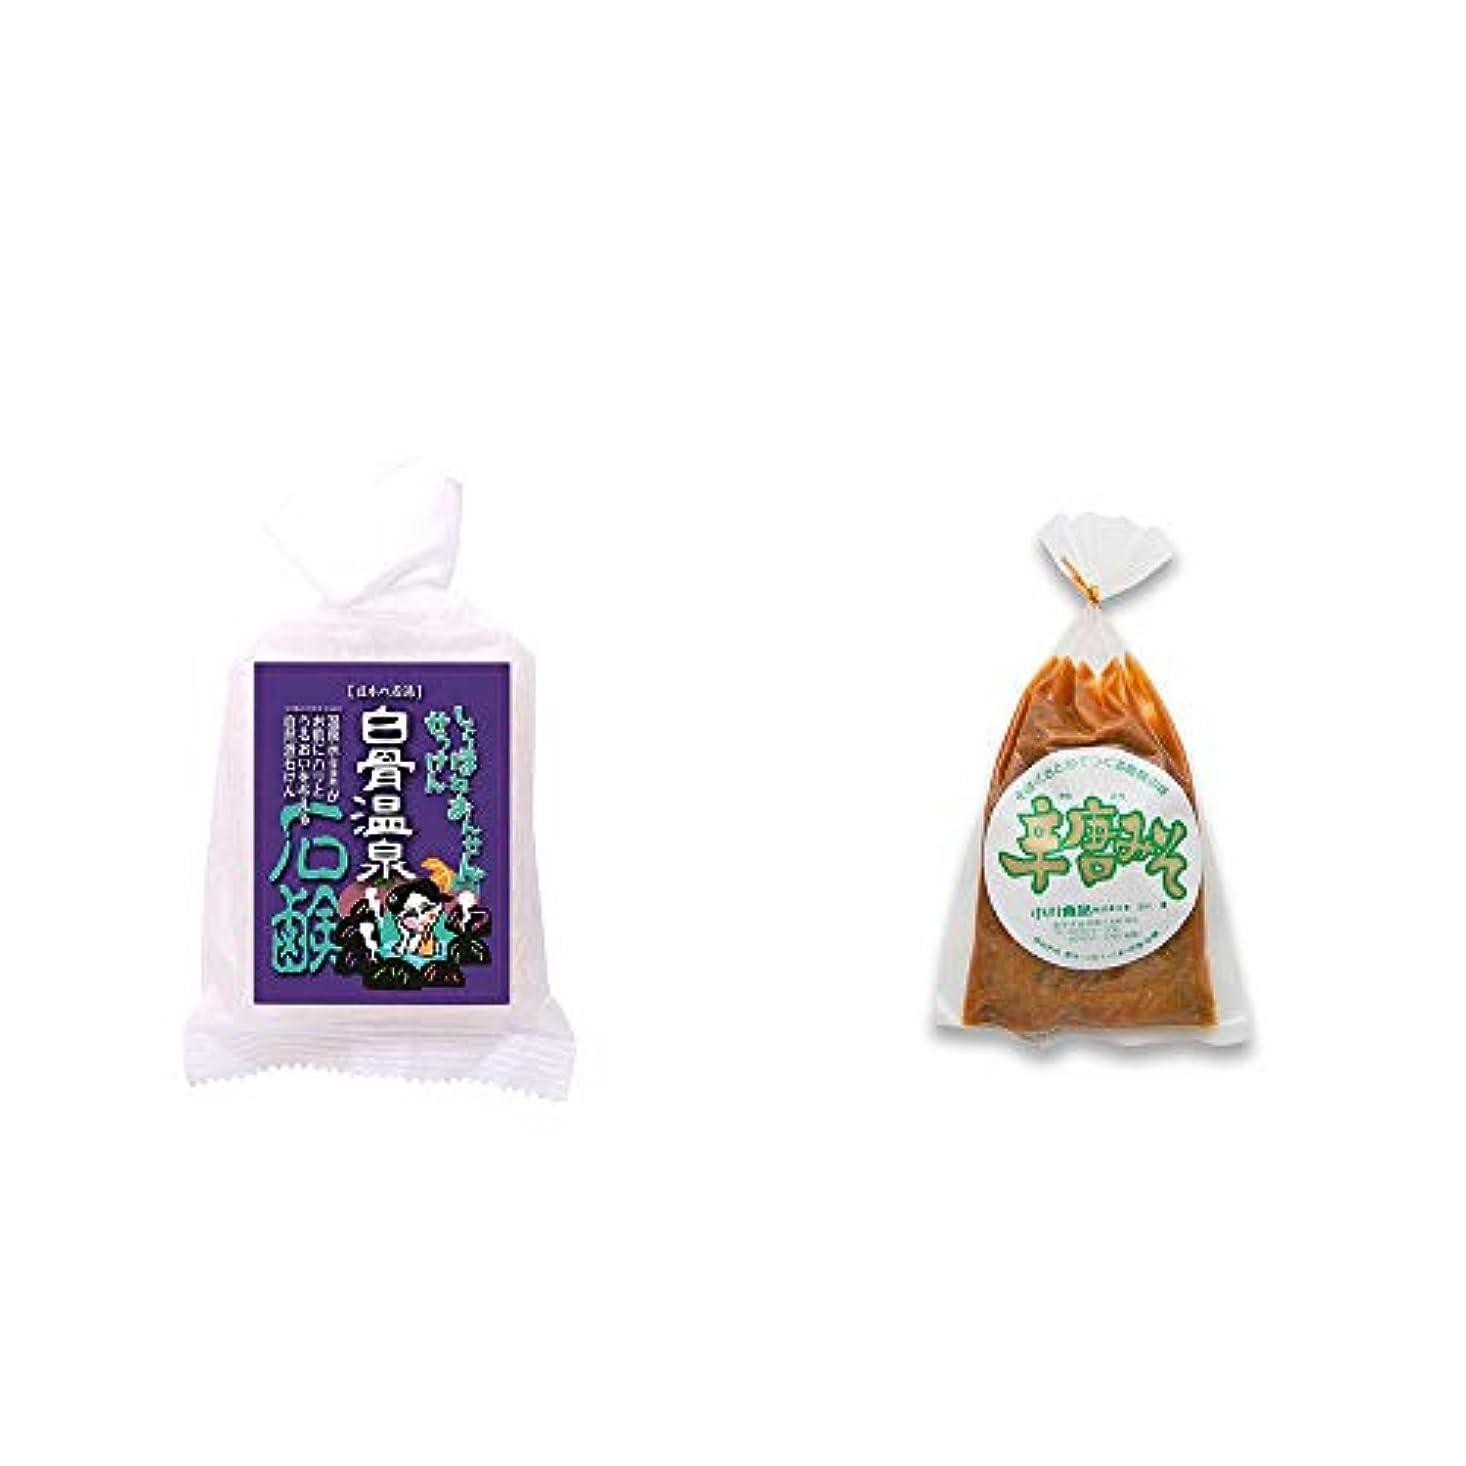 セッション氷スロー[2点セット] 信州 白骨温泉石鹸(80g)?辛唐みそ(130g)